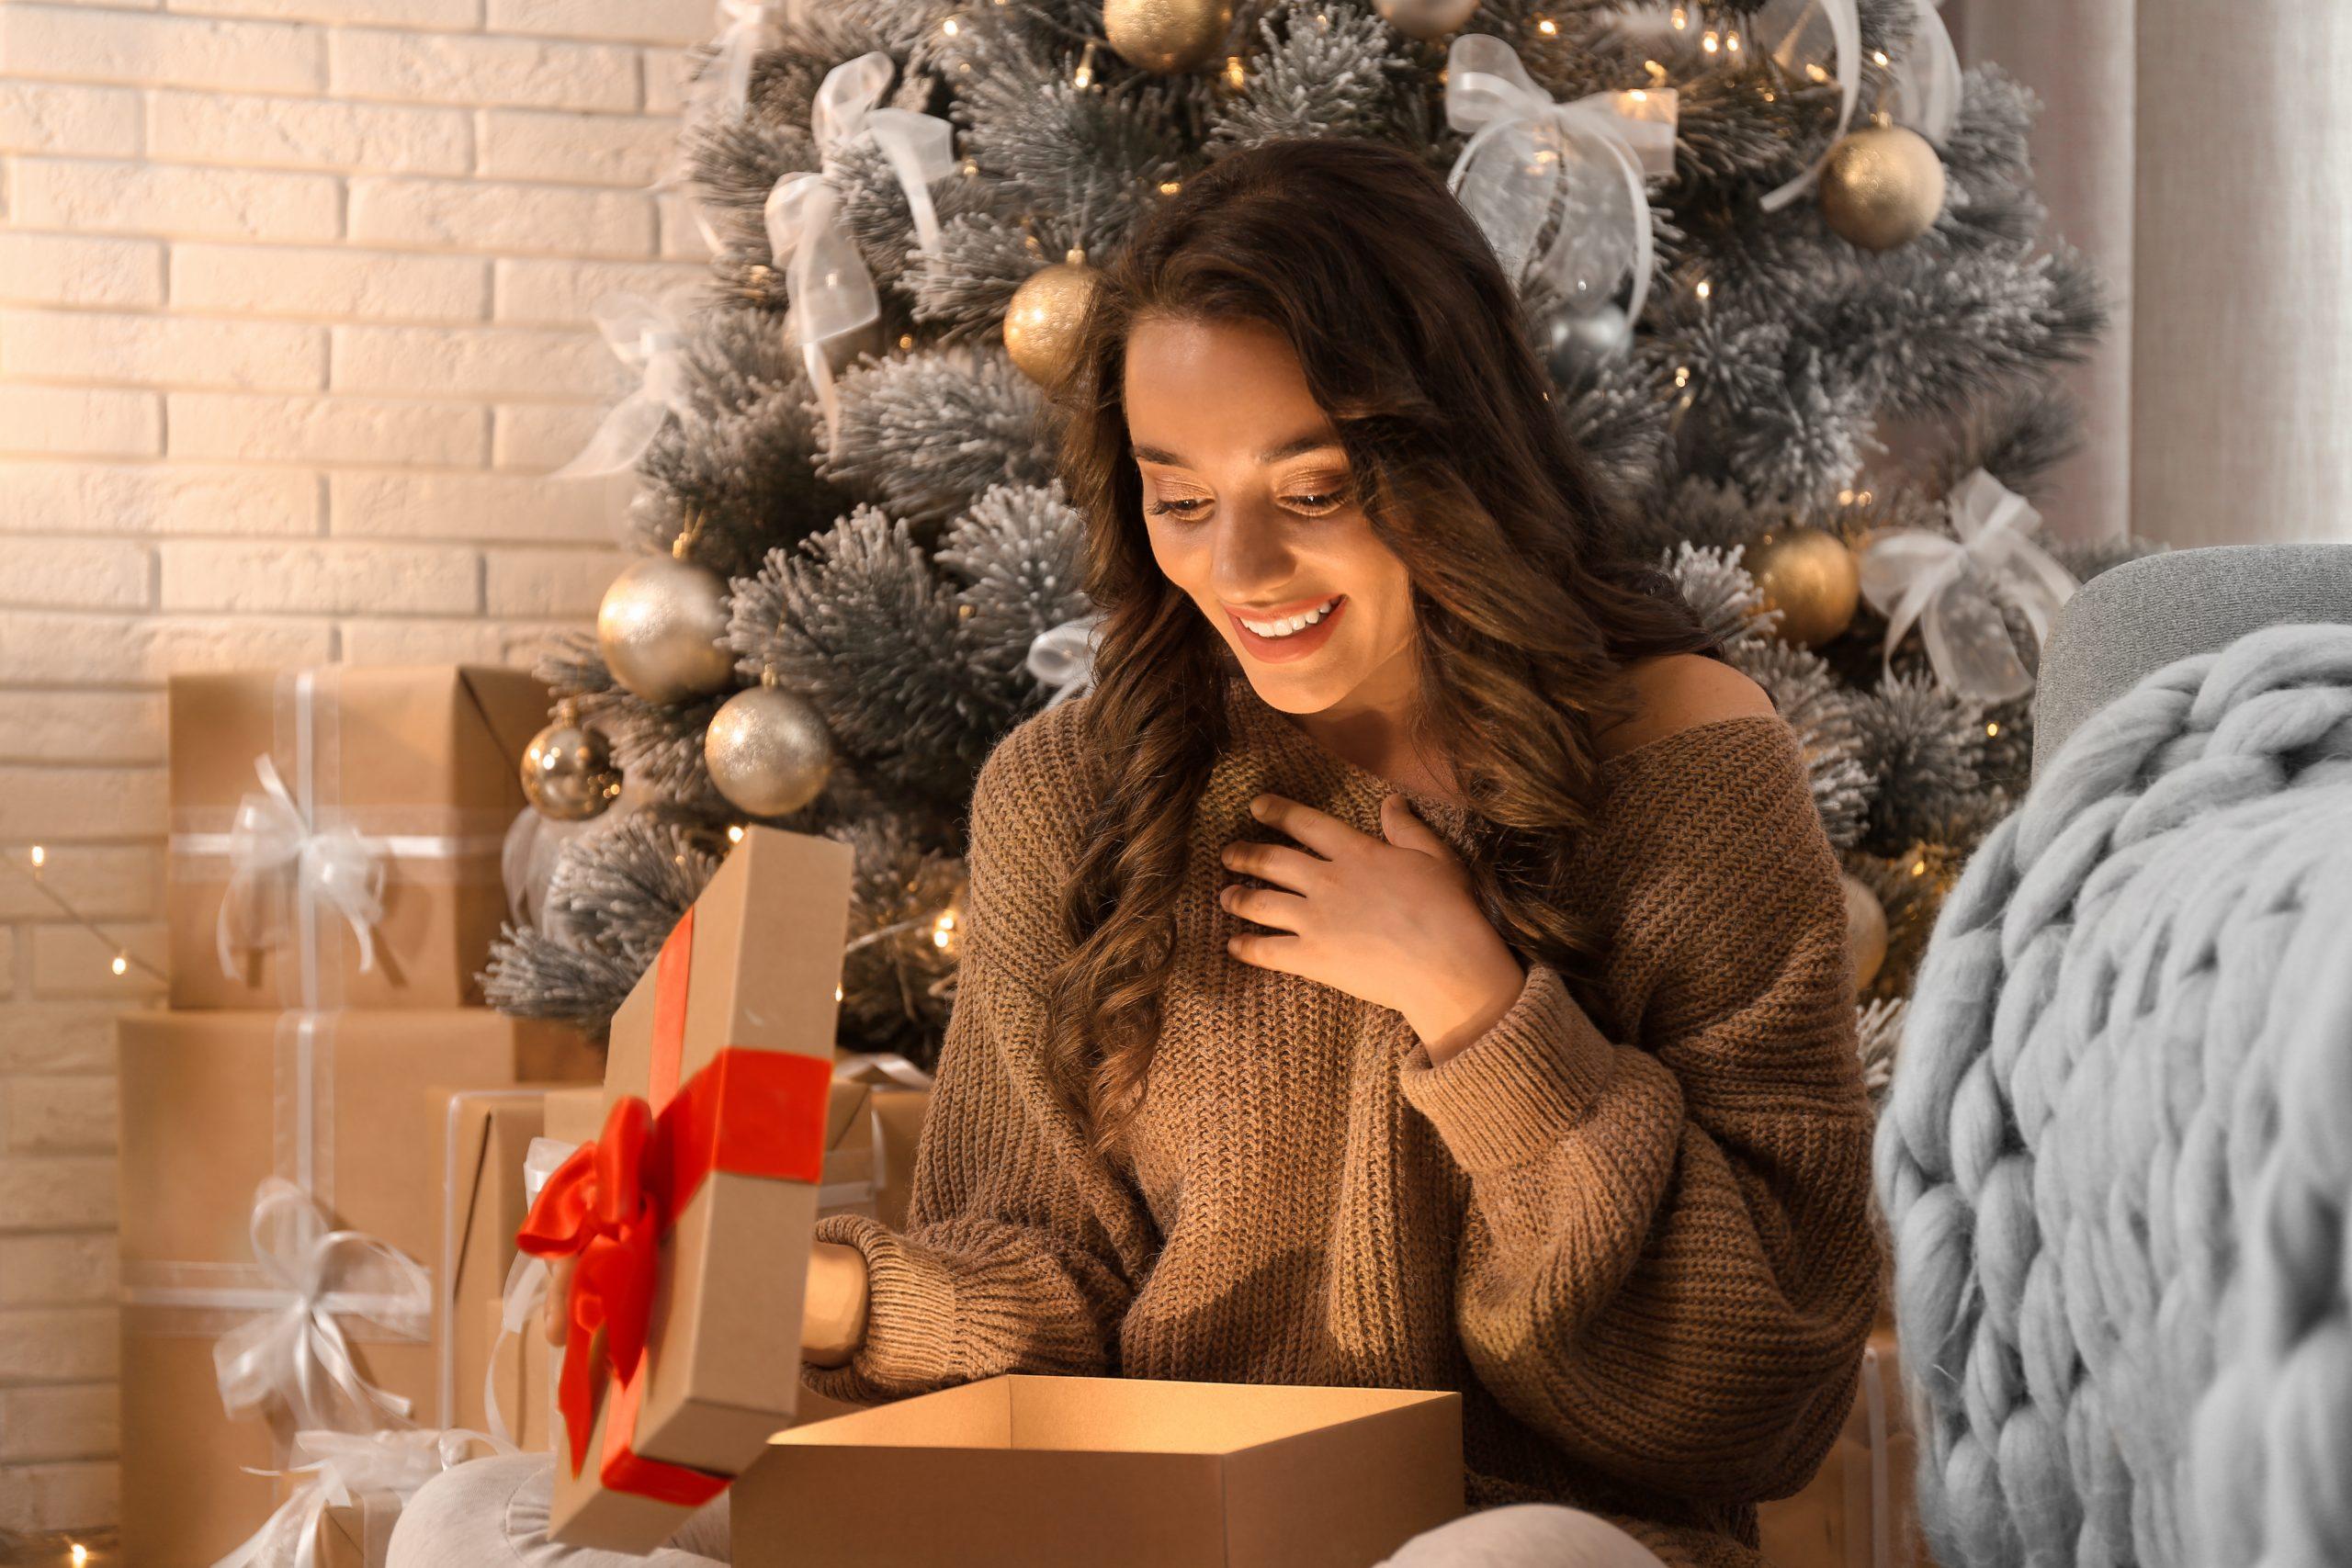 Frau sitzt vor Weihnachtsbaum und öffnet eine Geschenkverpackung